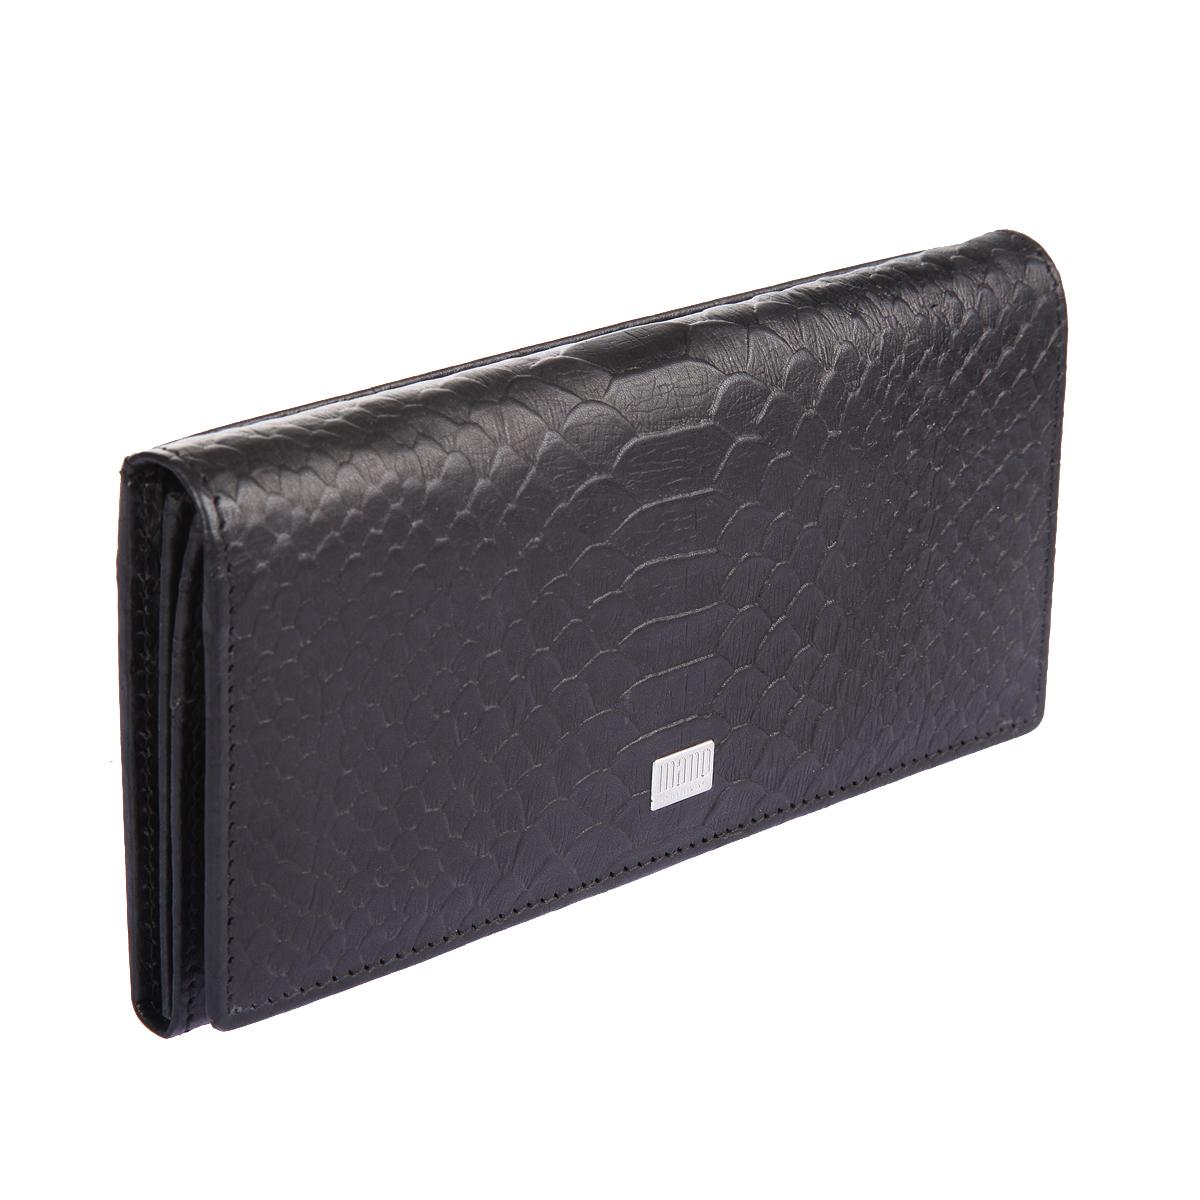 Портмоне женское Mano, цвет: черный. 20150 CrocoERJAA03224-WBT0Портмоне женское Mano выполнено из натуральной кожи. Модель закрывается широким клапаном на кнопке, внутри два отделения для купюр, отделение для мелочи на молнии, два кармана для бумаг, девятнадцать кармашков для пластиковых карт, сетчатый карман, снаружи на задней стенке два кармана, один из них на молнии.